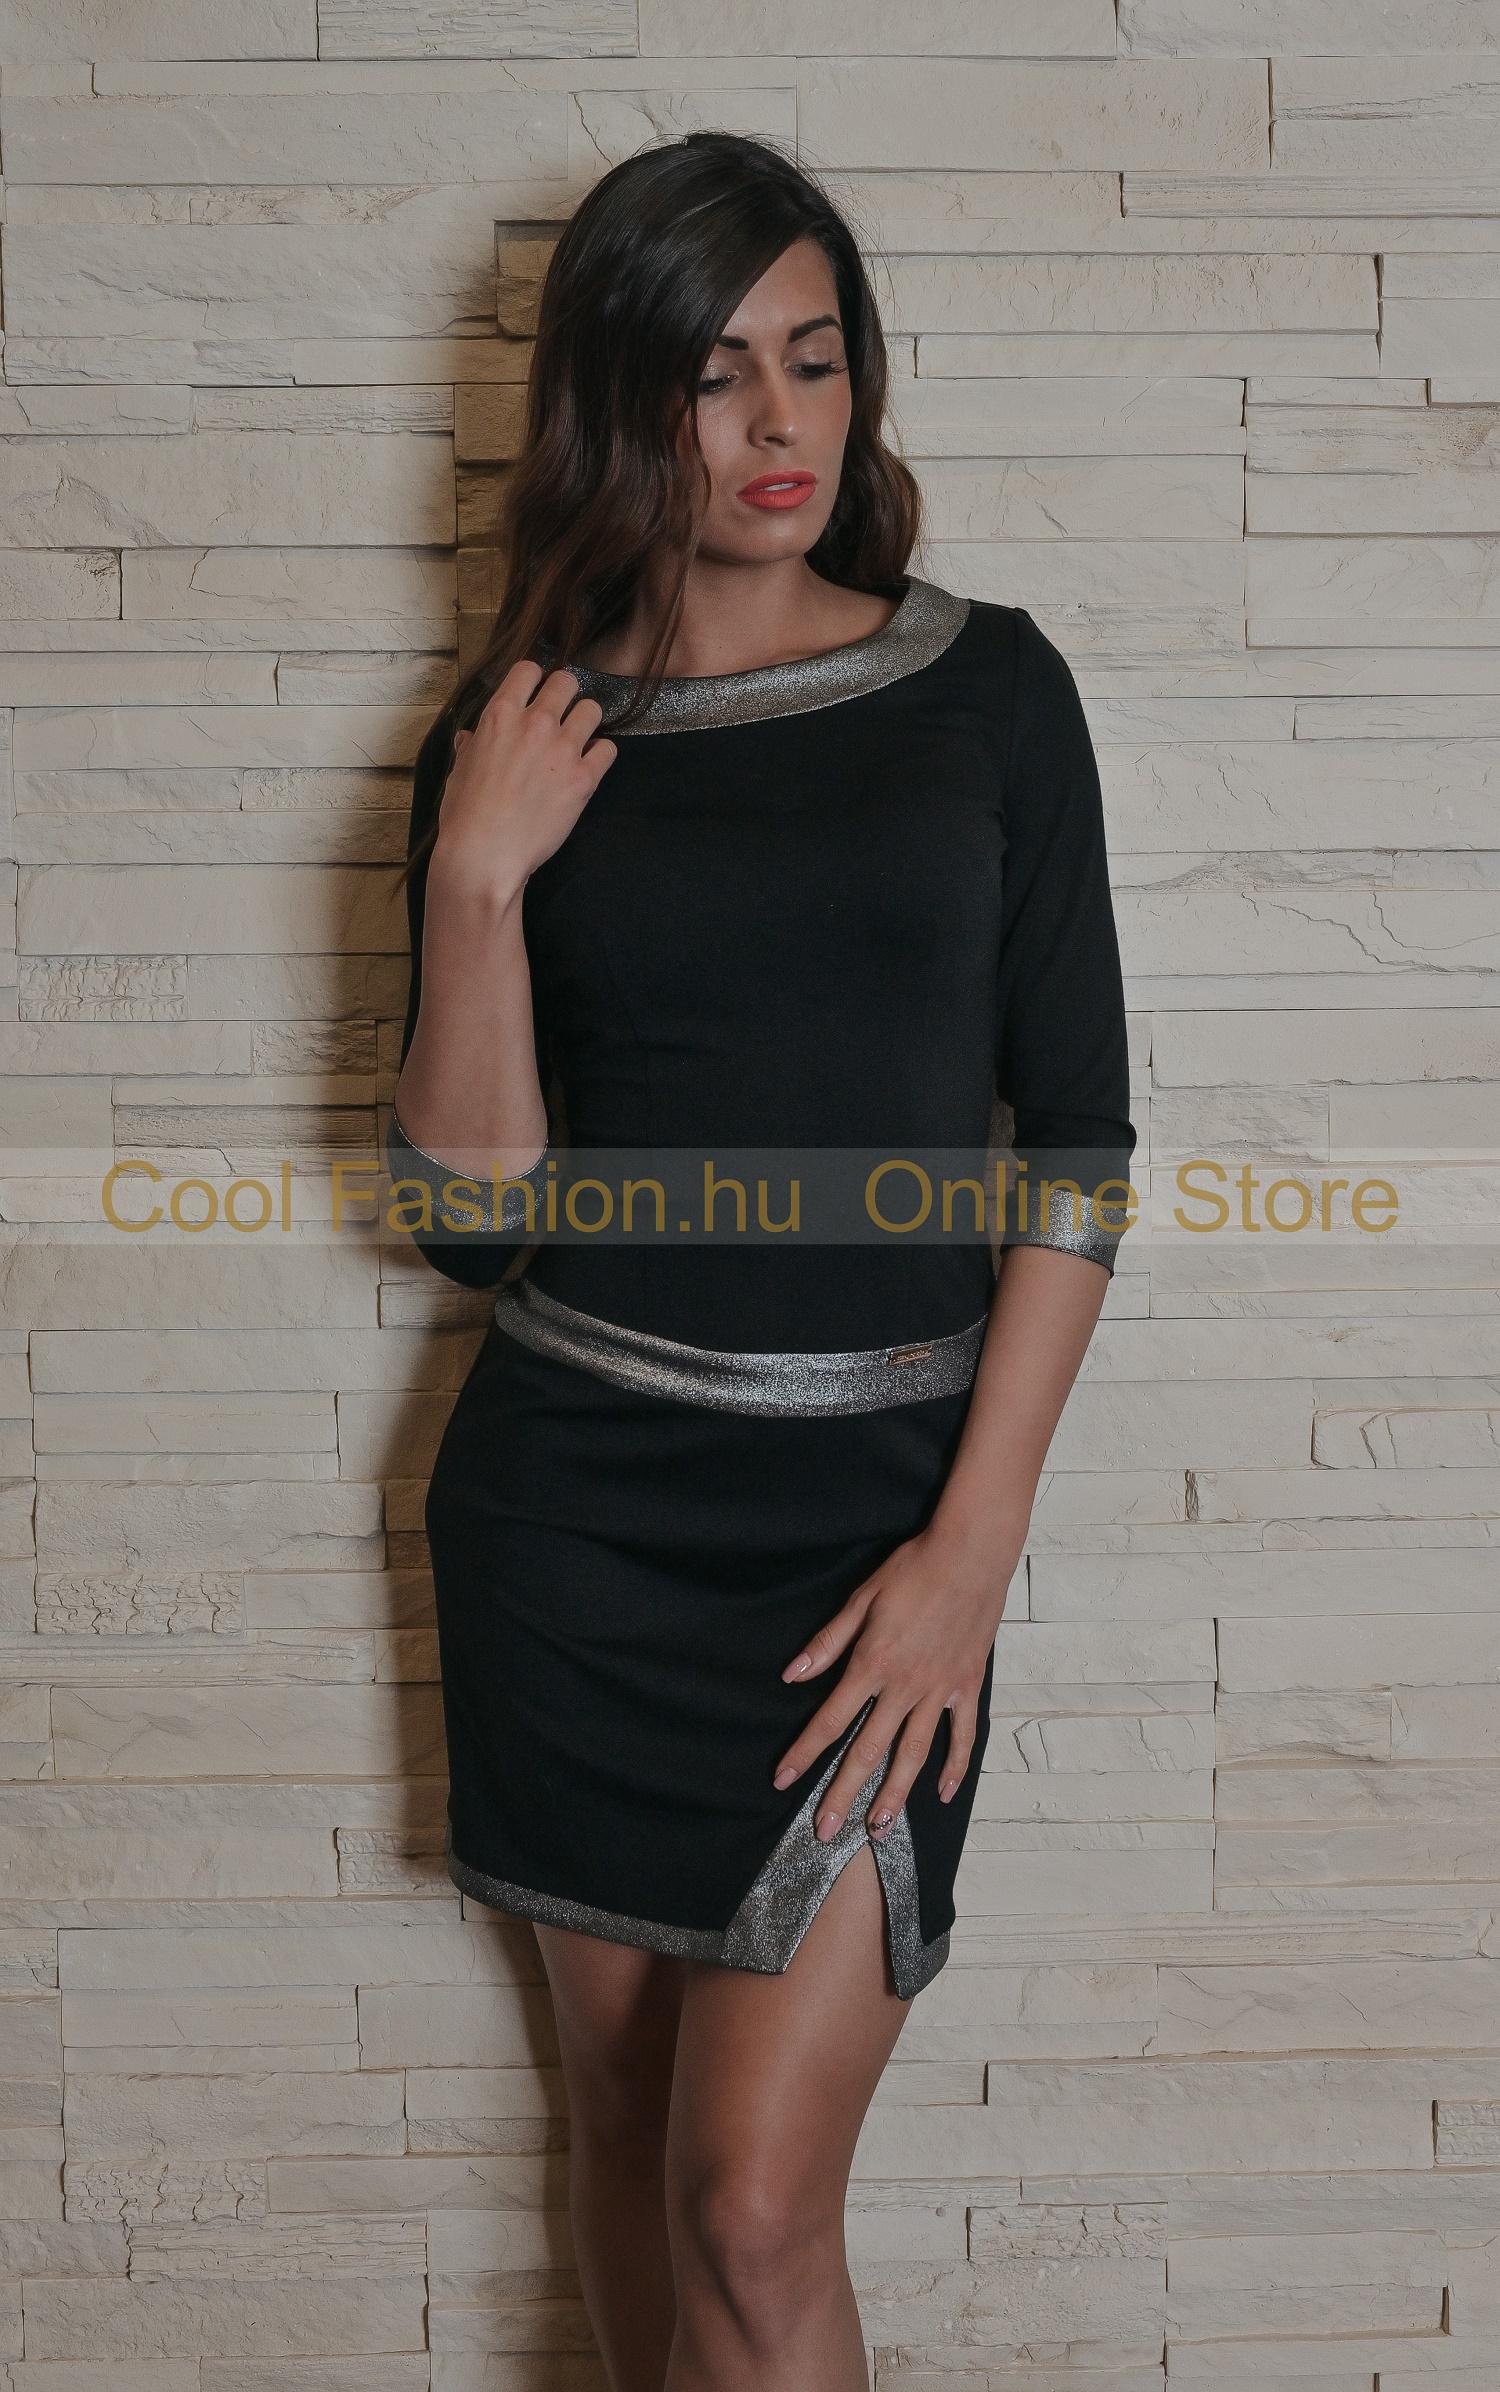 Termékleírás. Fekete ruha. S/M kiterített méretei: Teljes hossz: 92cm.